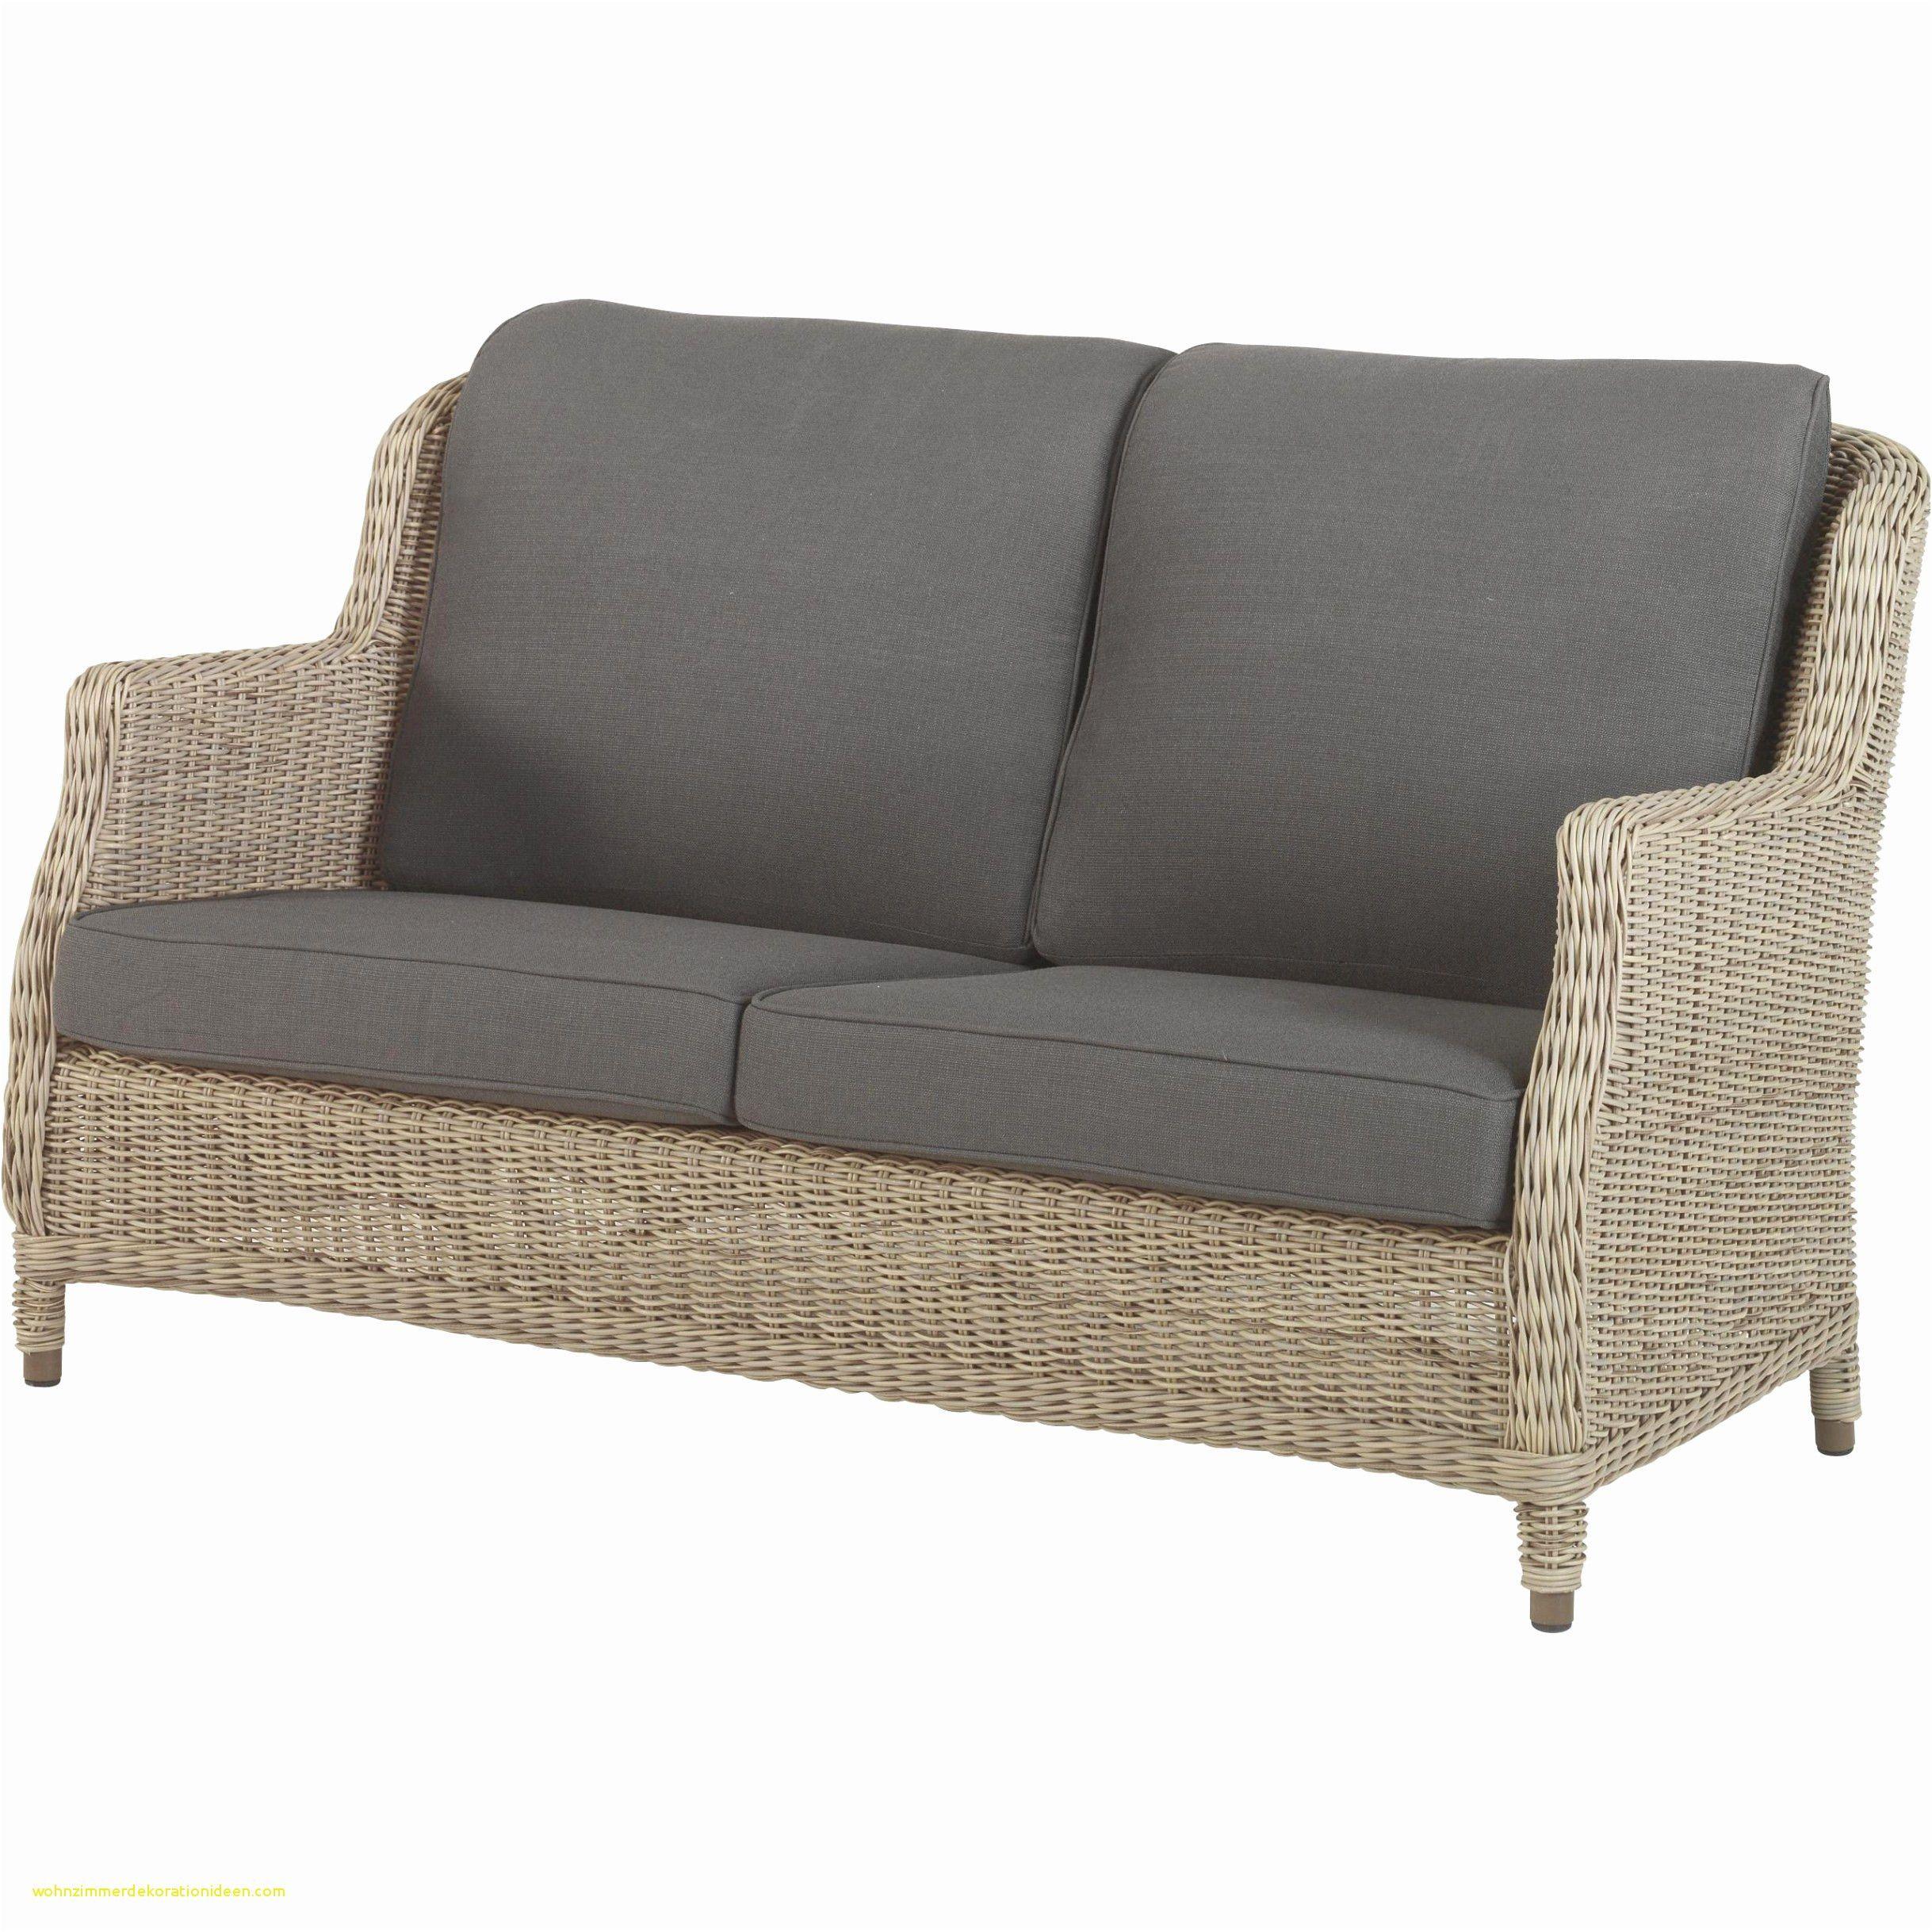 Außergewöhnlich Sofa Billig Dekoration Von Neuester Kaufen